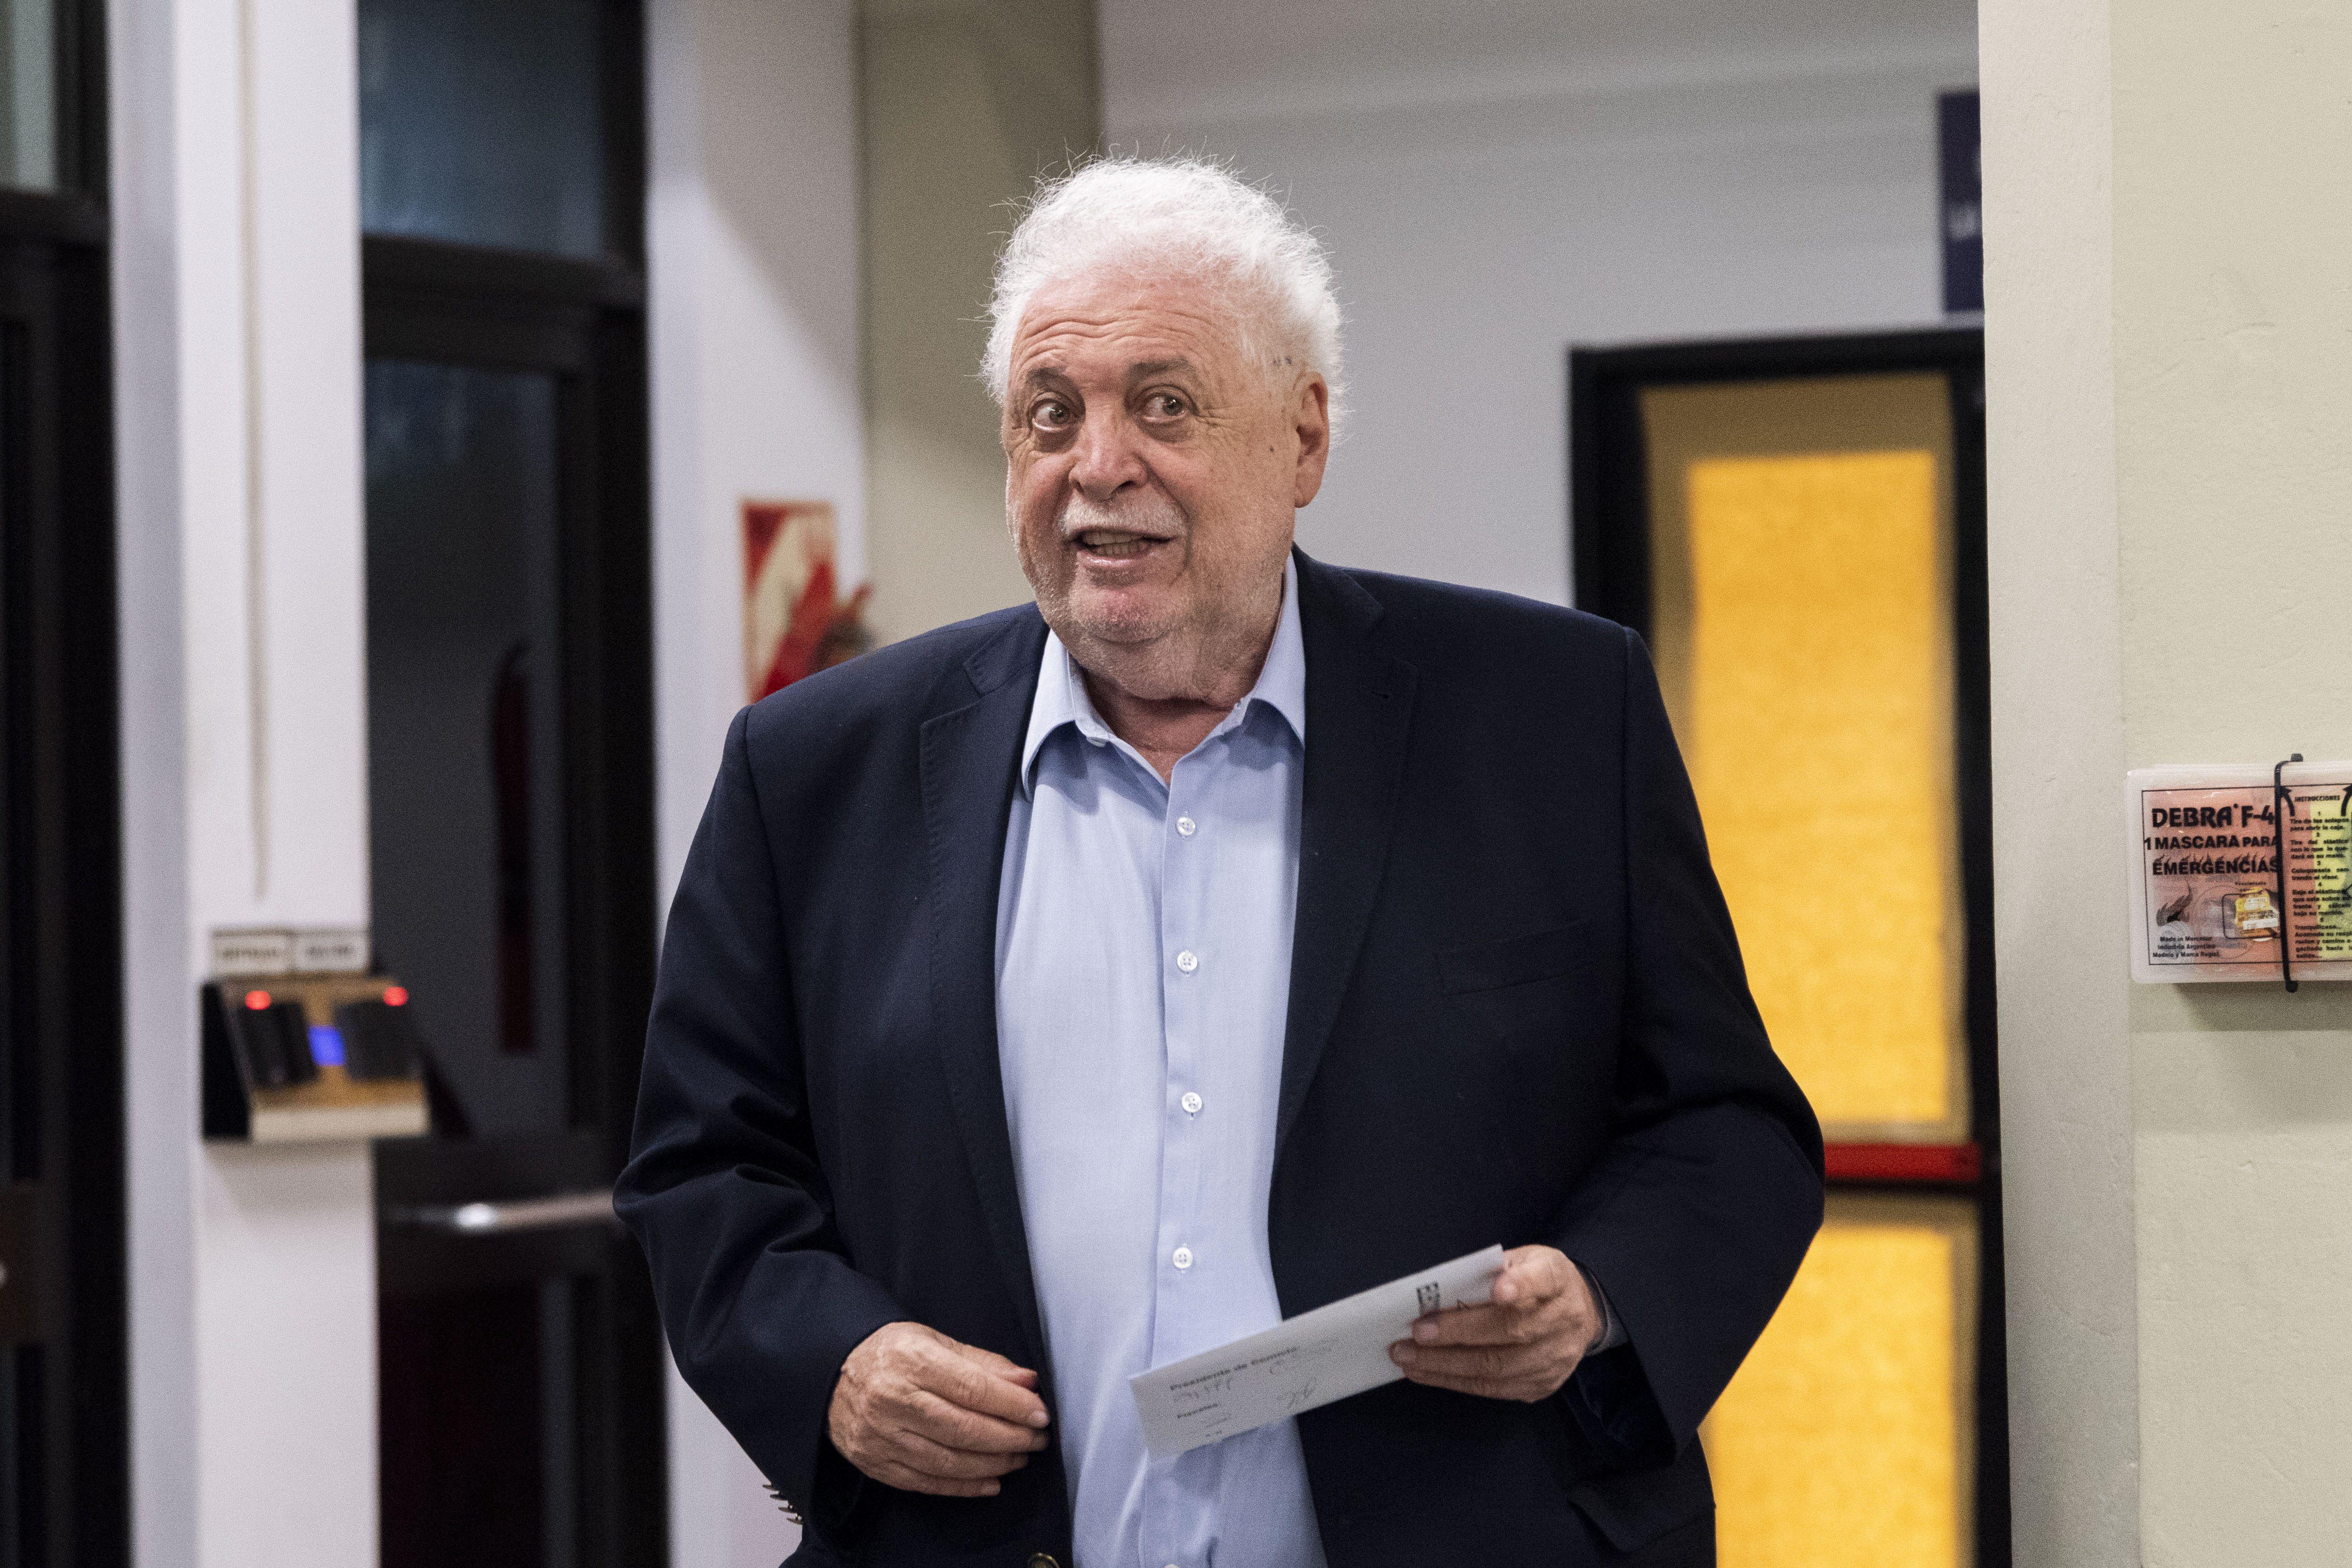 El ex ministro de Salud, Ginés González García. Tuvo que renunciar tras el escándalo (Zumapress/Contactophoto)